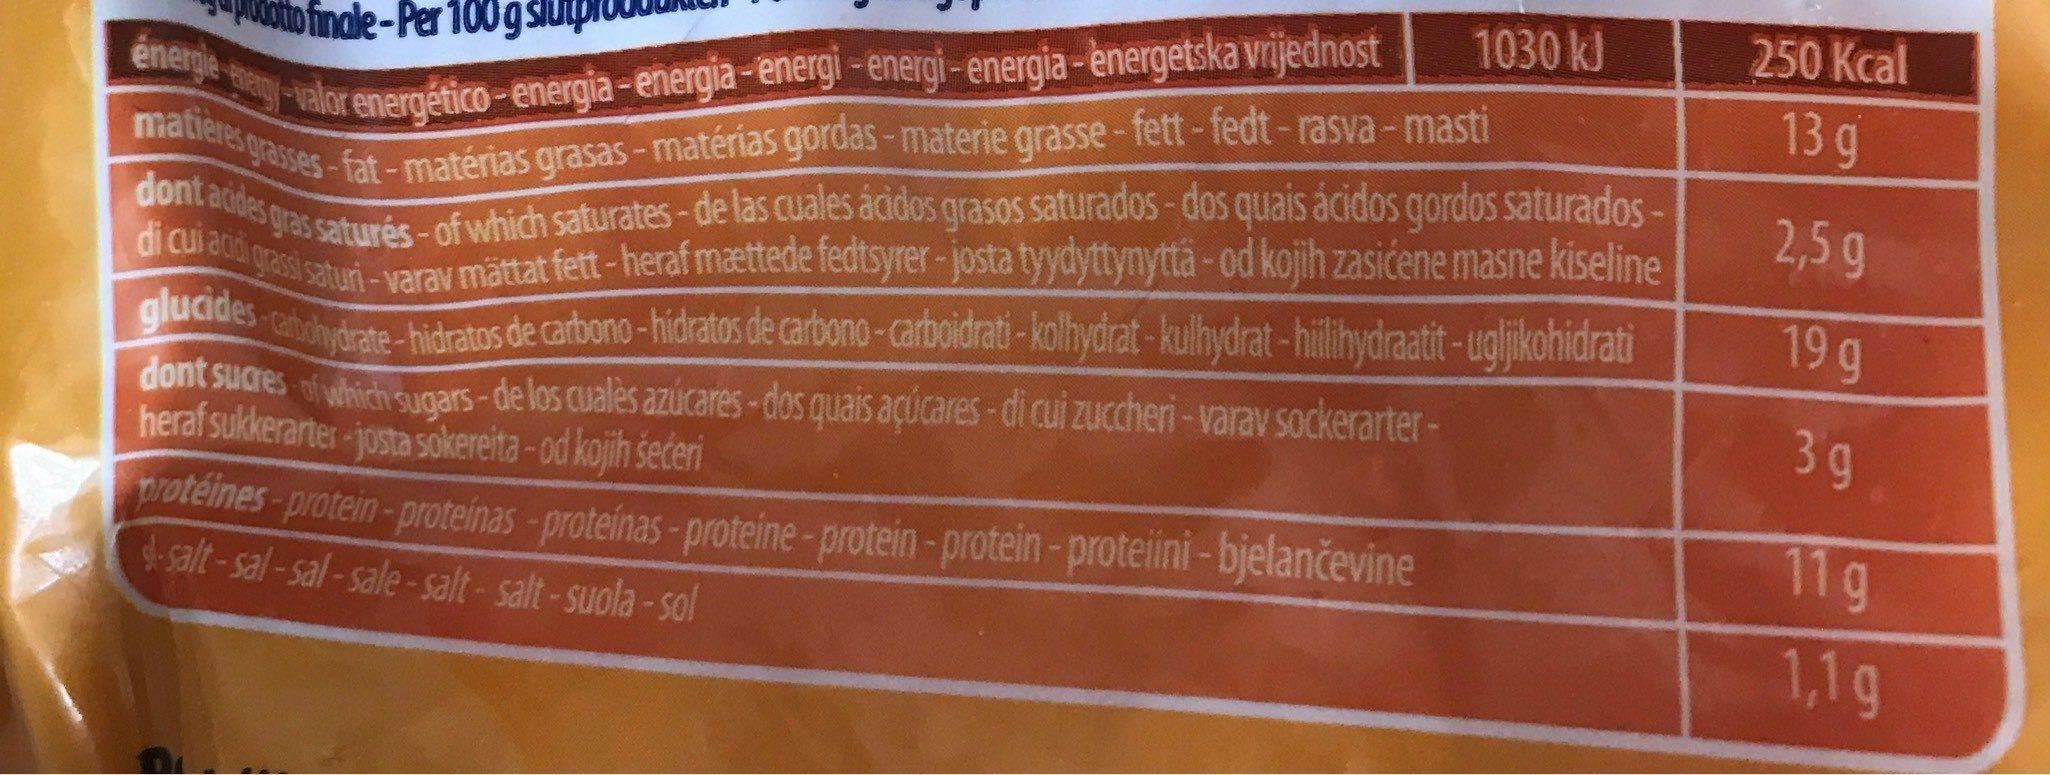 Nuggets de Poulet - Informations nutritionnelles